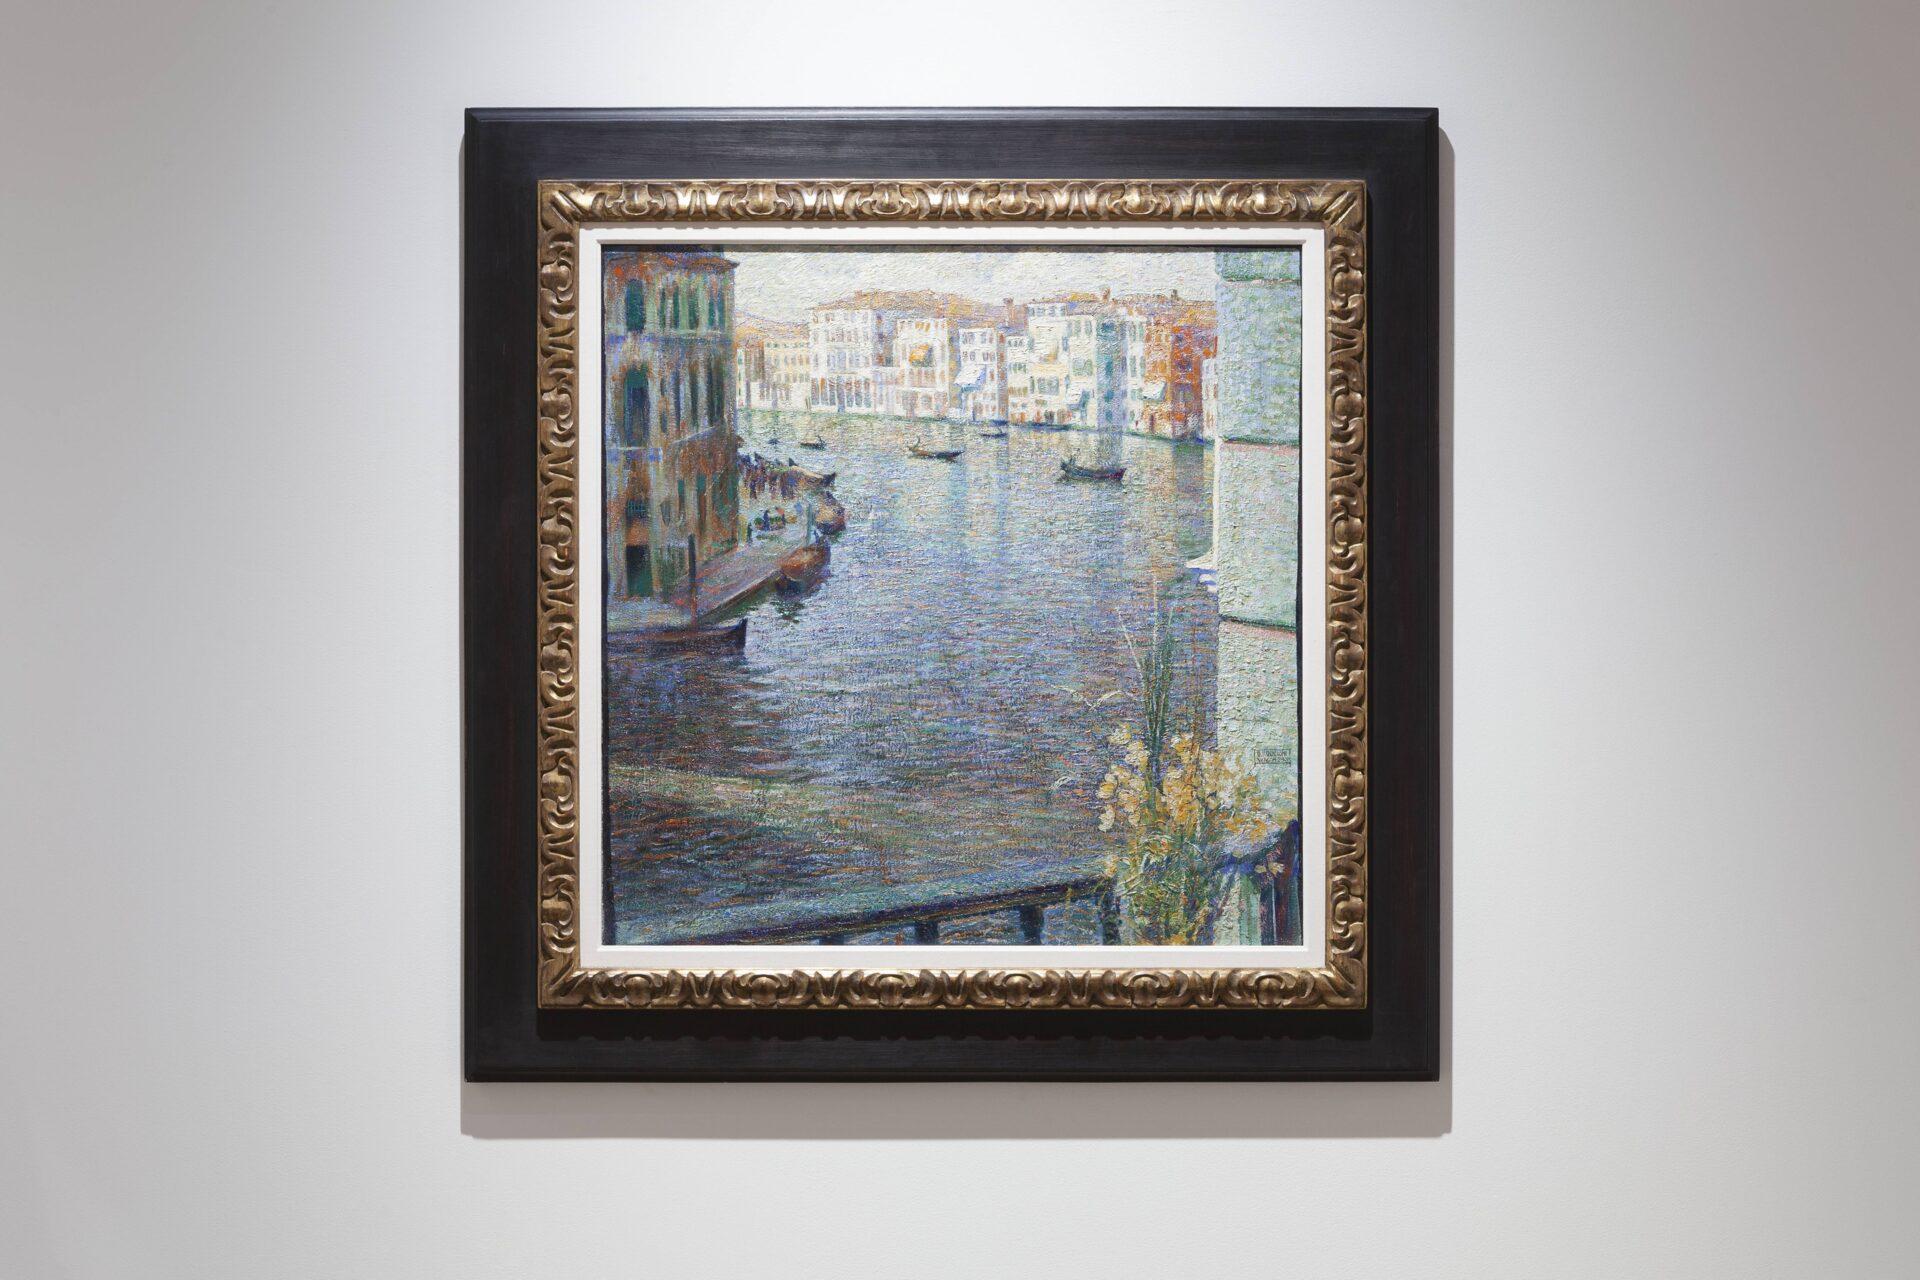 Umberto Boccioni, The Grand Canal in Venice, 1907